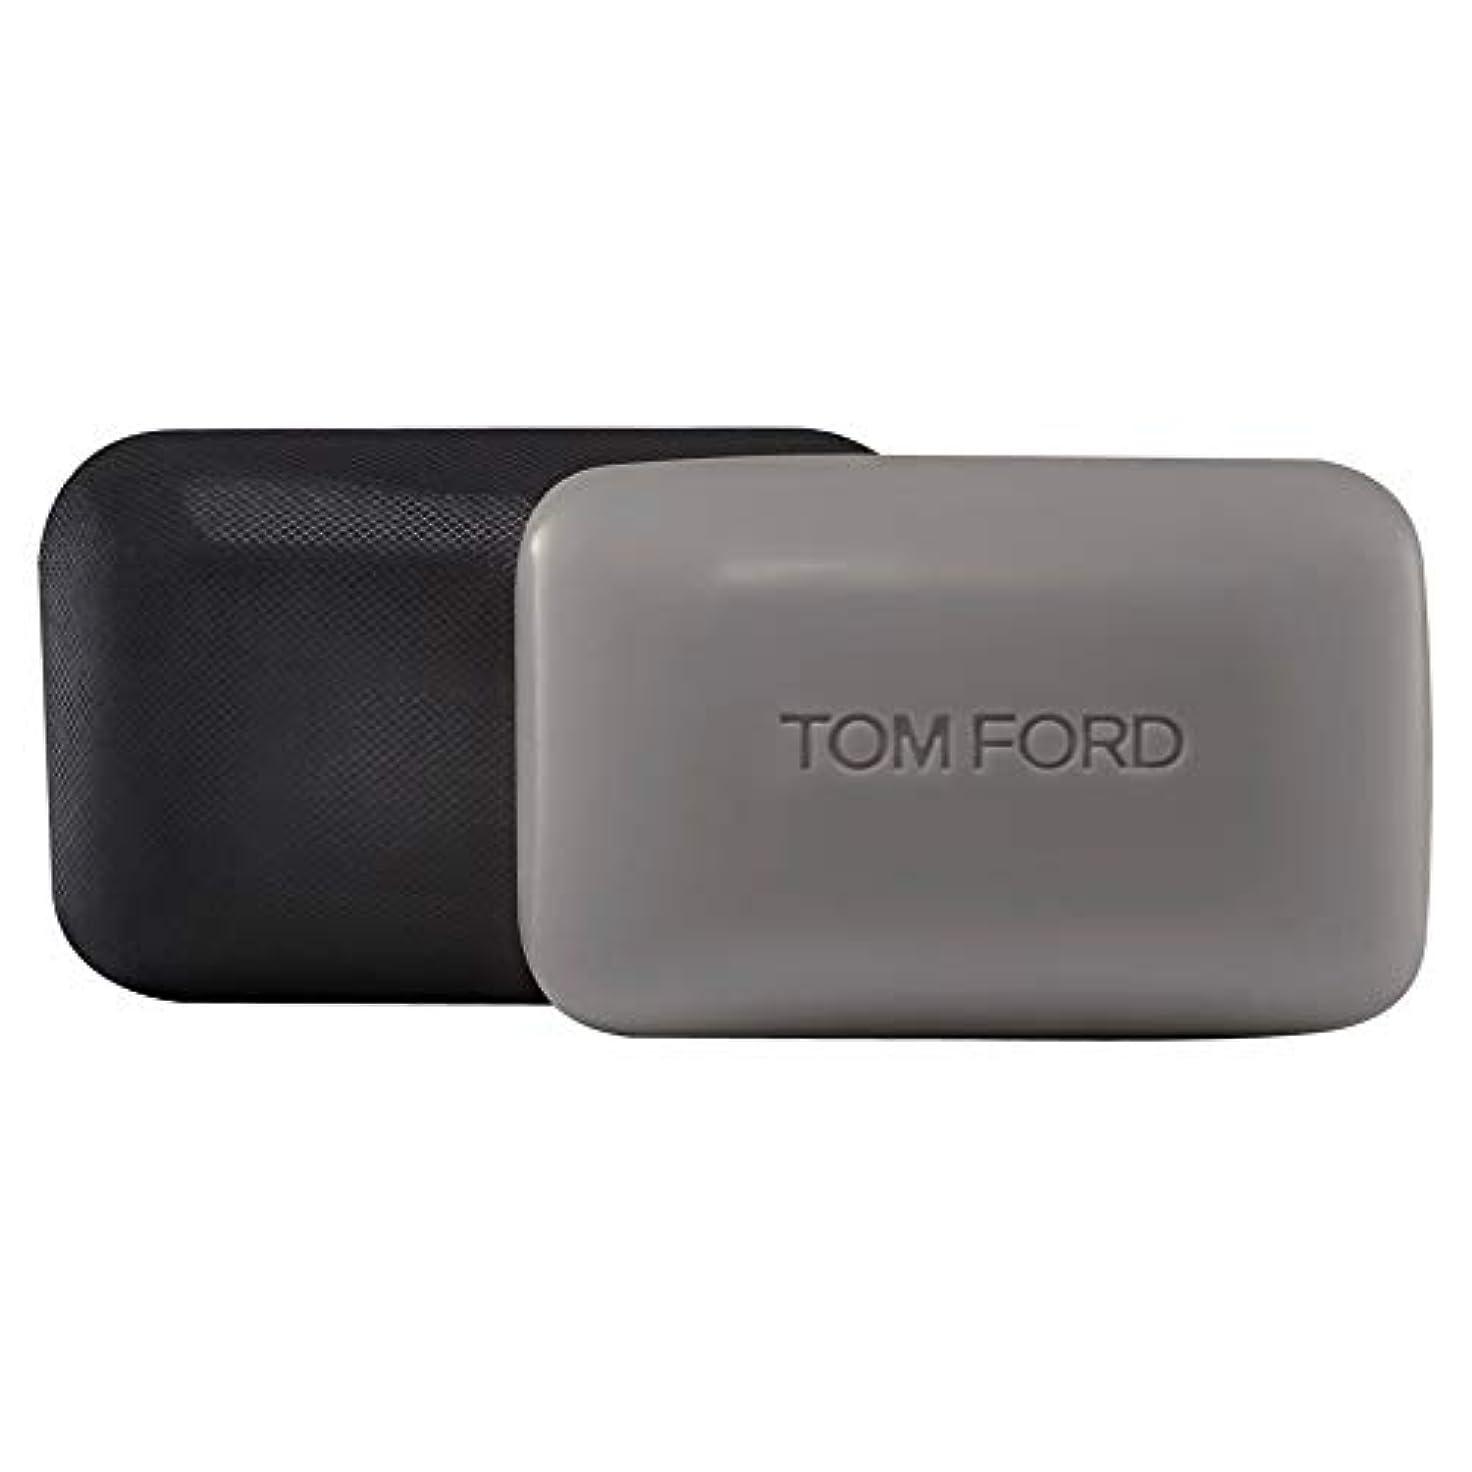 サンプル累計強度[TOM FORD] トムフォードウードウッドソープバー150グラム - Tom Ford Oud Wood Soap Bar 150g [並行輸入品]